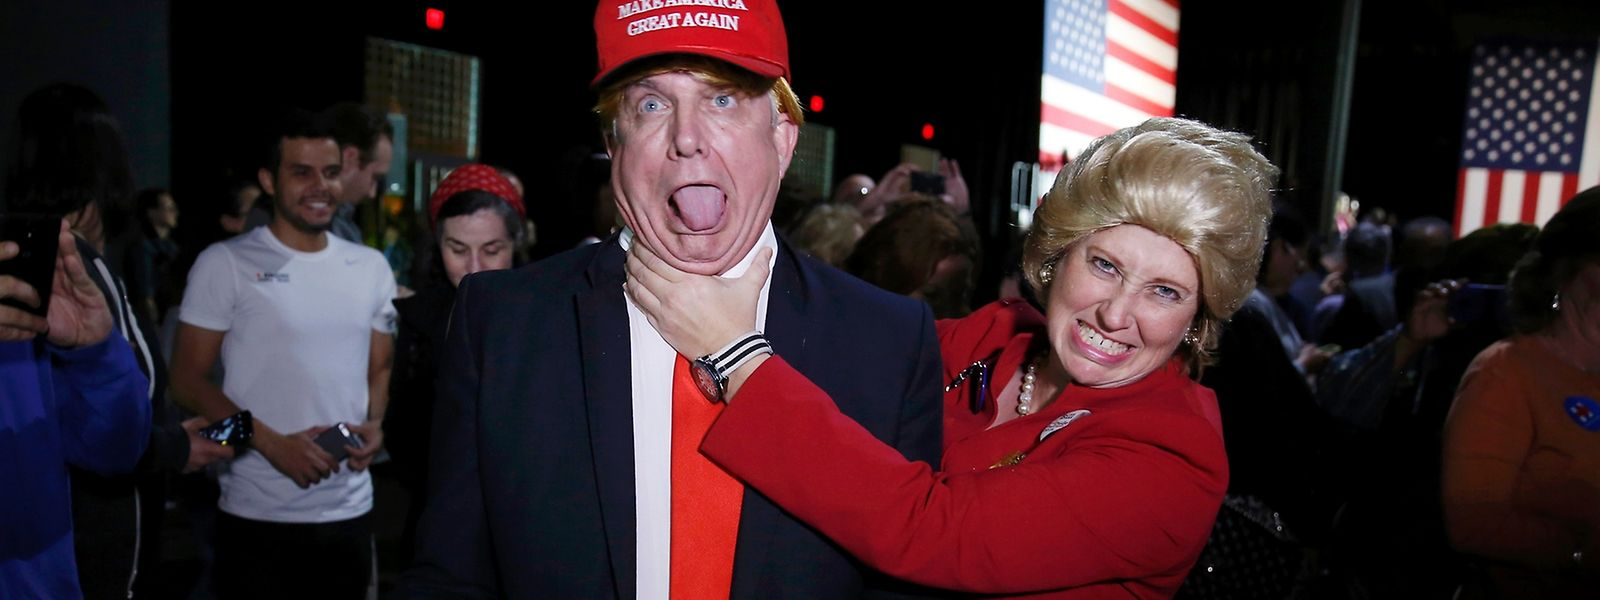 Vielerorts in der Welt hofft man, dass eine Kandidatin Hillary Clinton den rechtspopulistischen Hetzer Donald Trump schlagen kann.